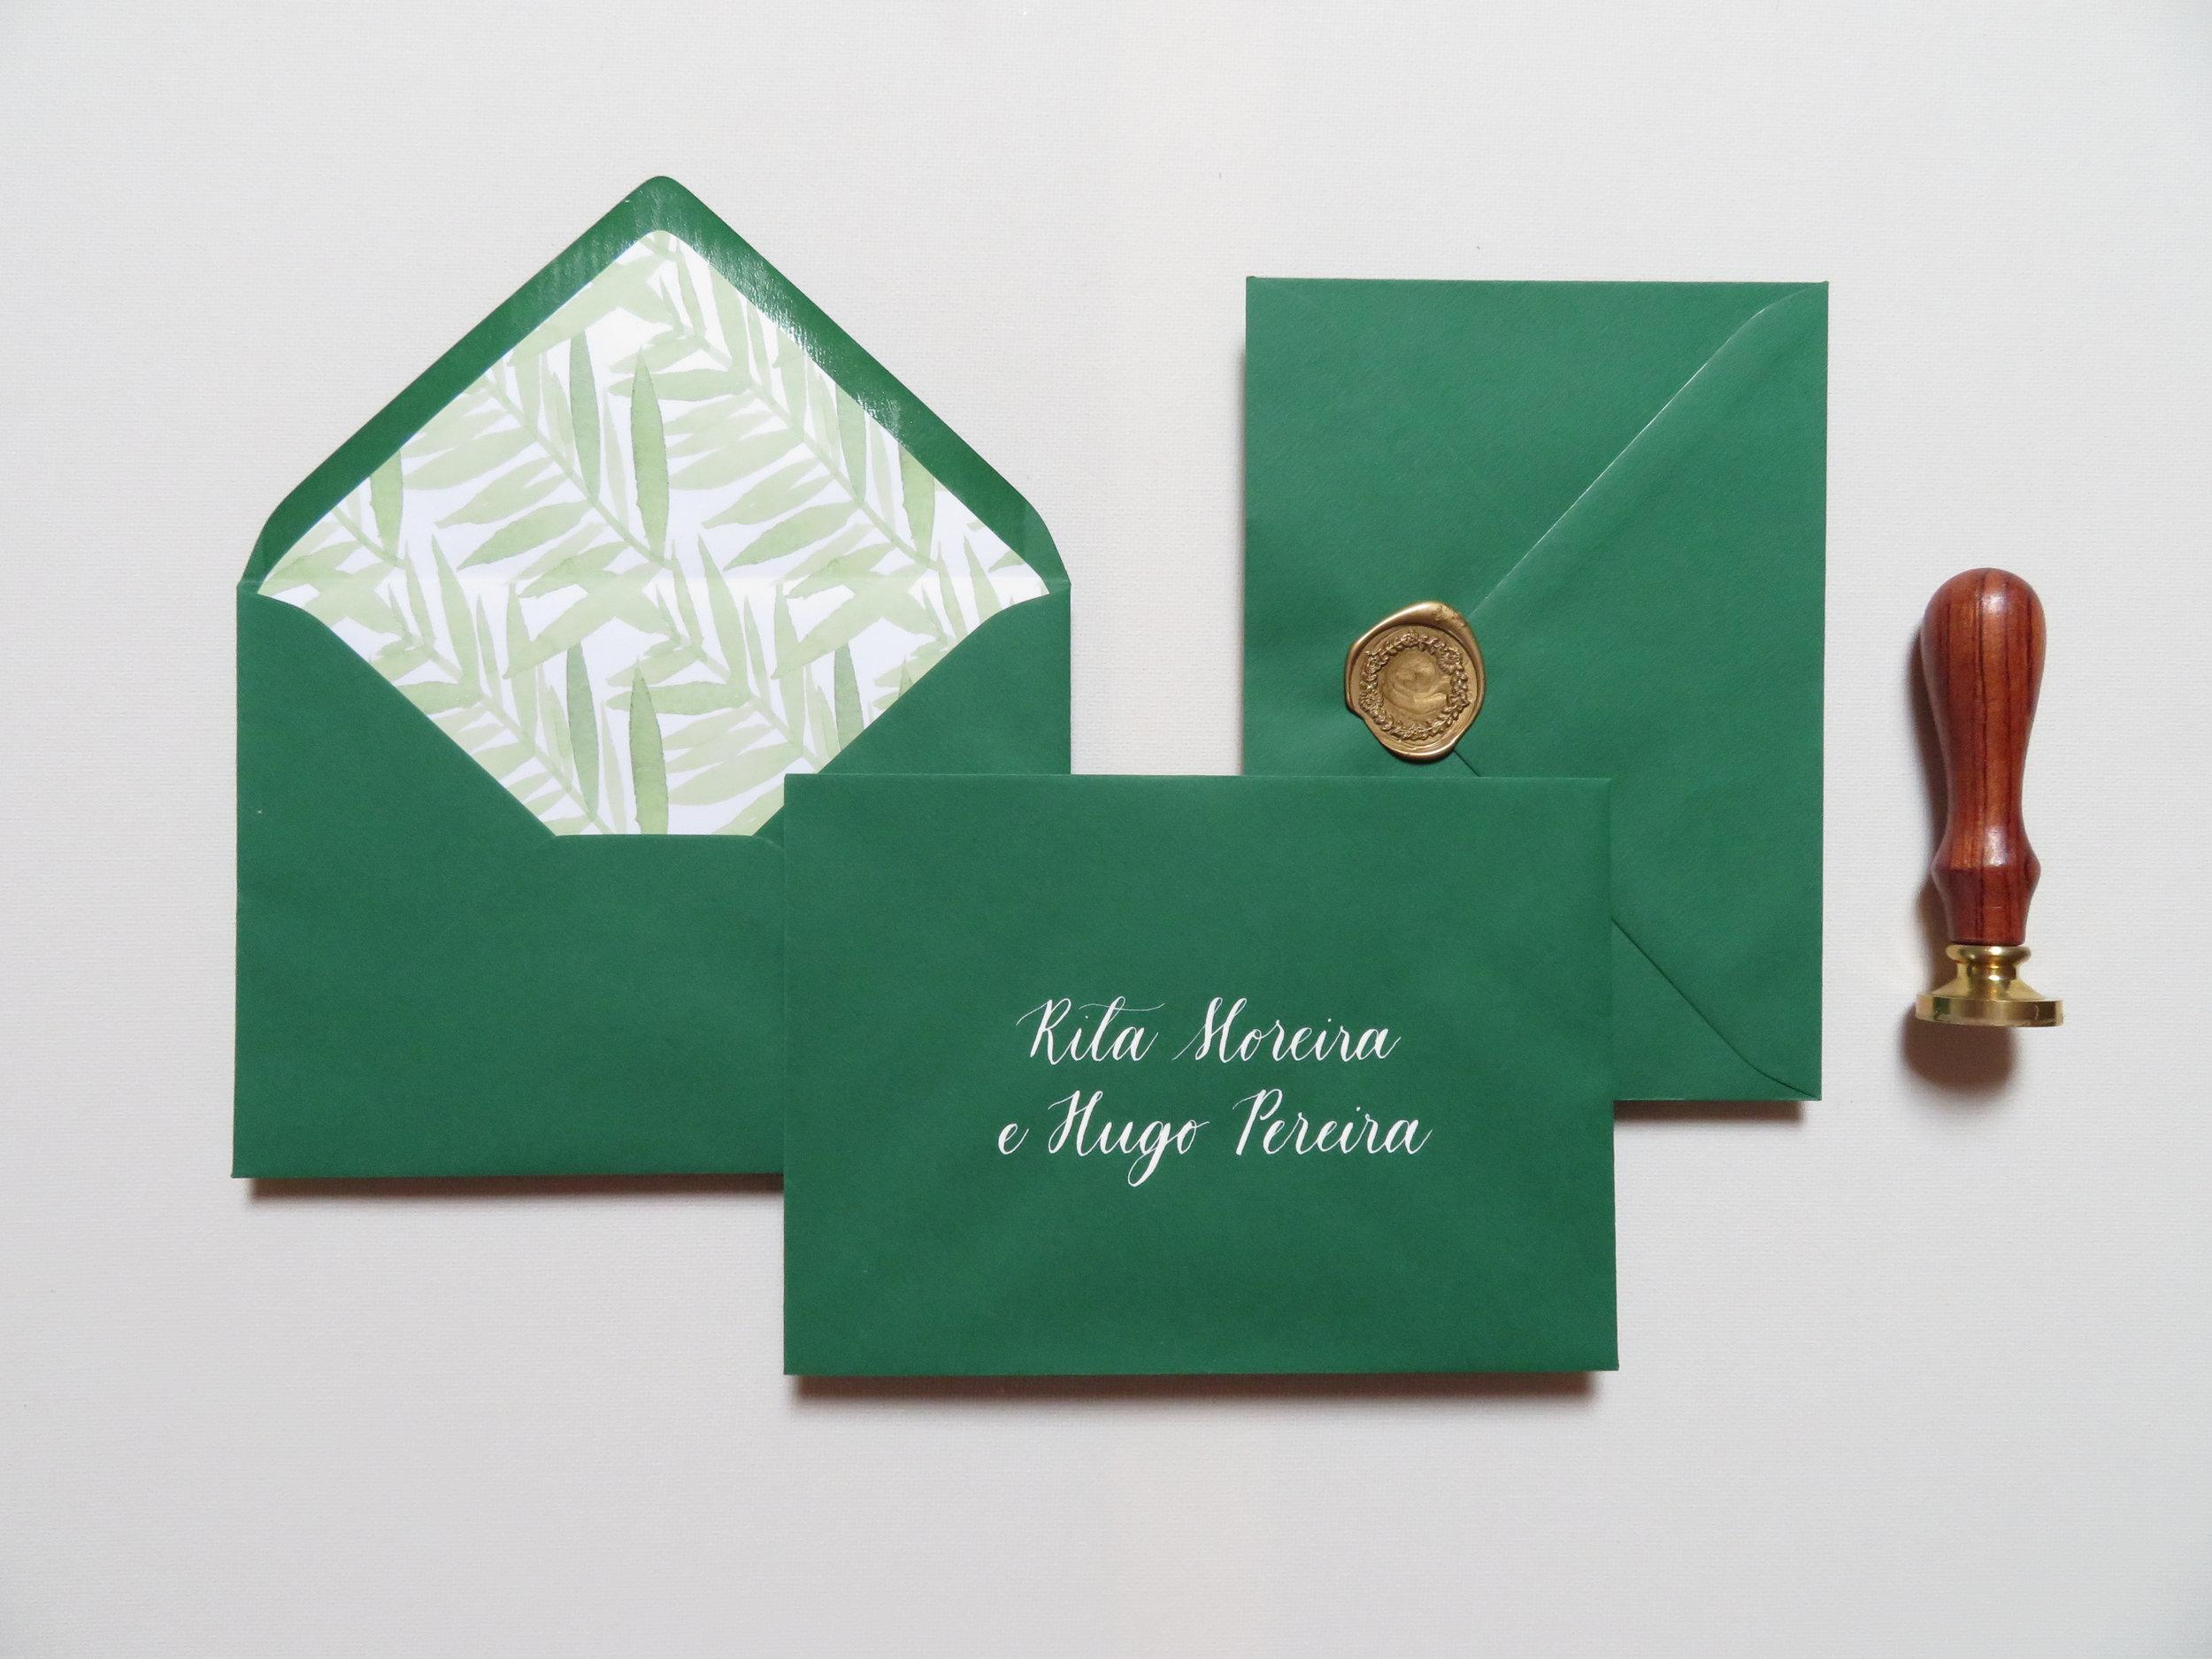 Envelopes - Caligrafia manuscrita pode ser acrescentada em envelopes, marcadores de lugar, números de mesa, menus e outros artigos em papel. Para tal visita a nossa página de Serviços de Caligrafia.